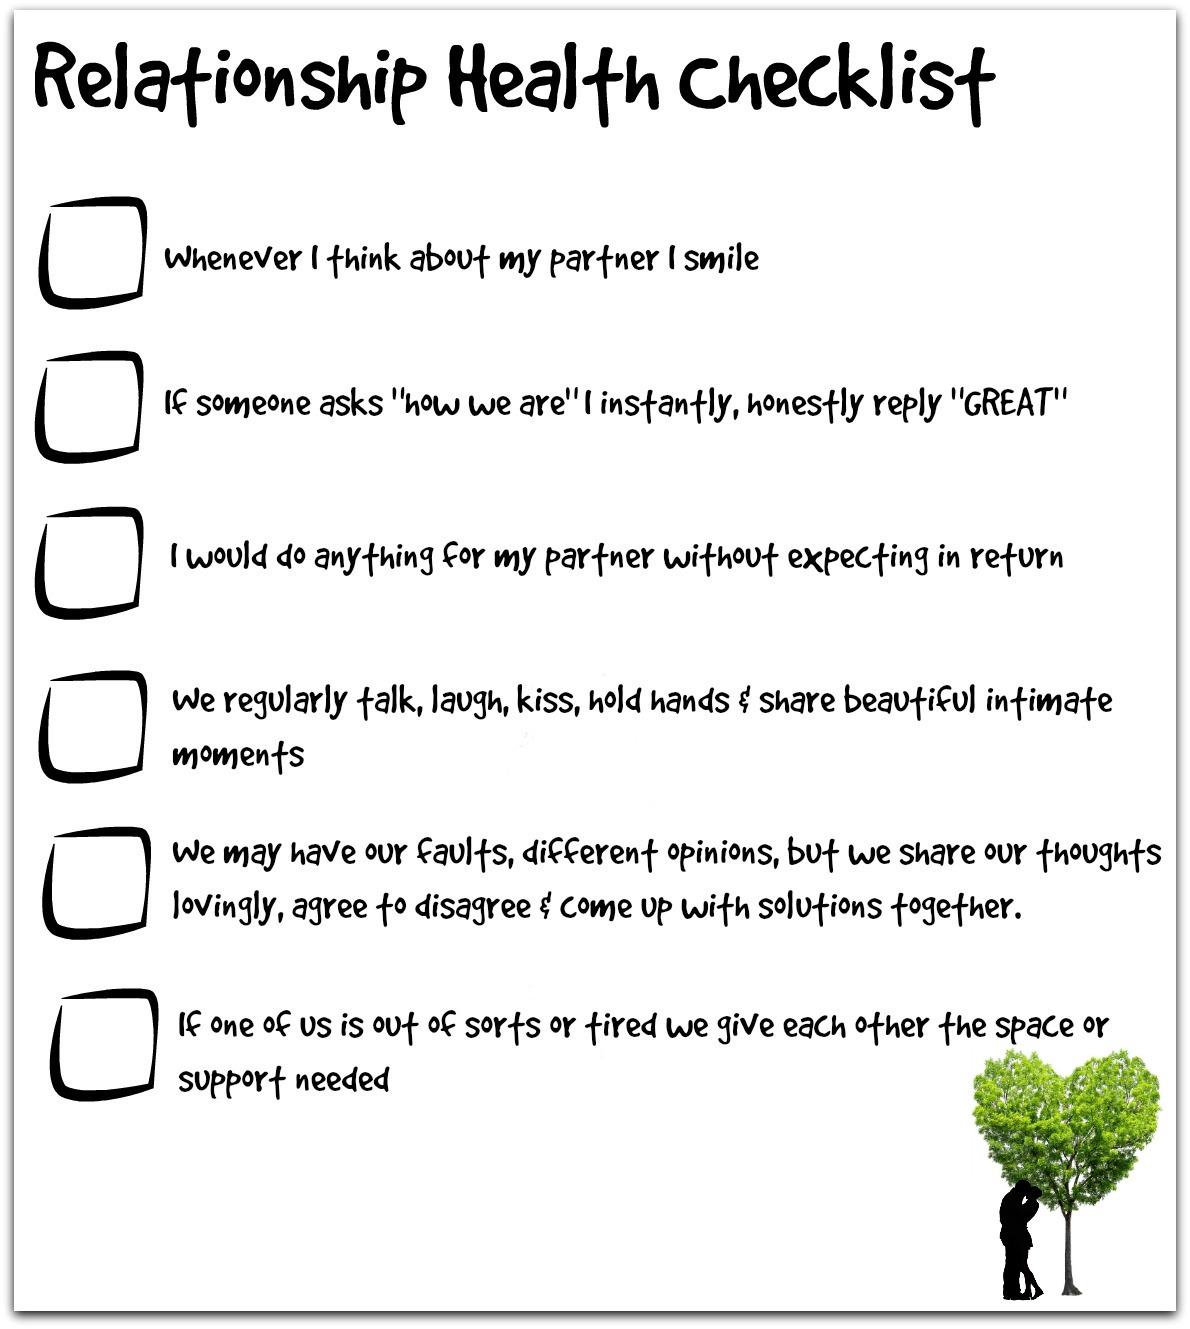 Relationship Health Checklist